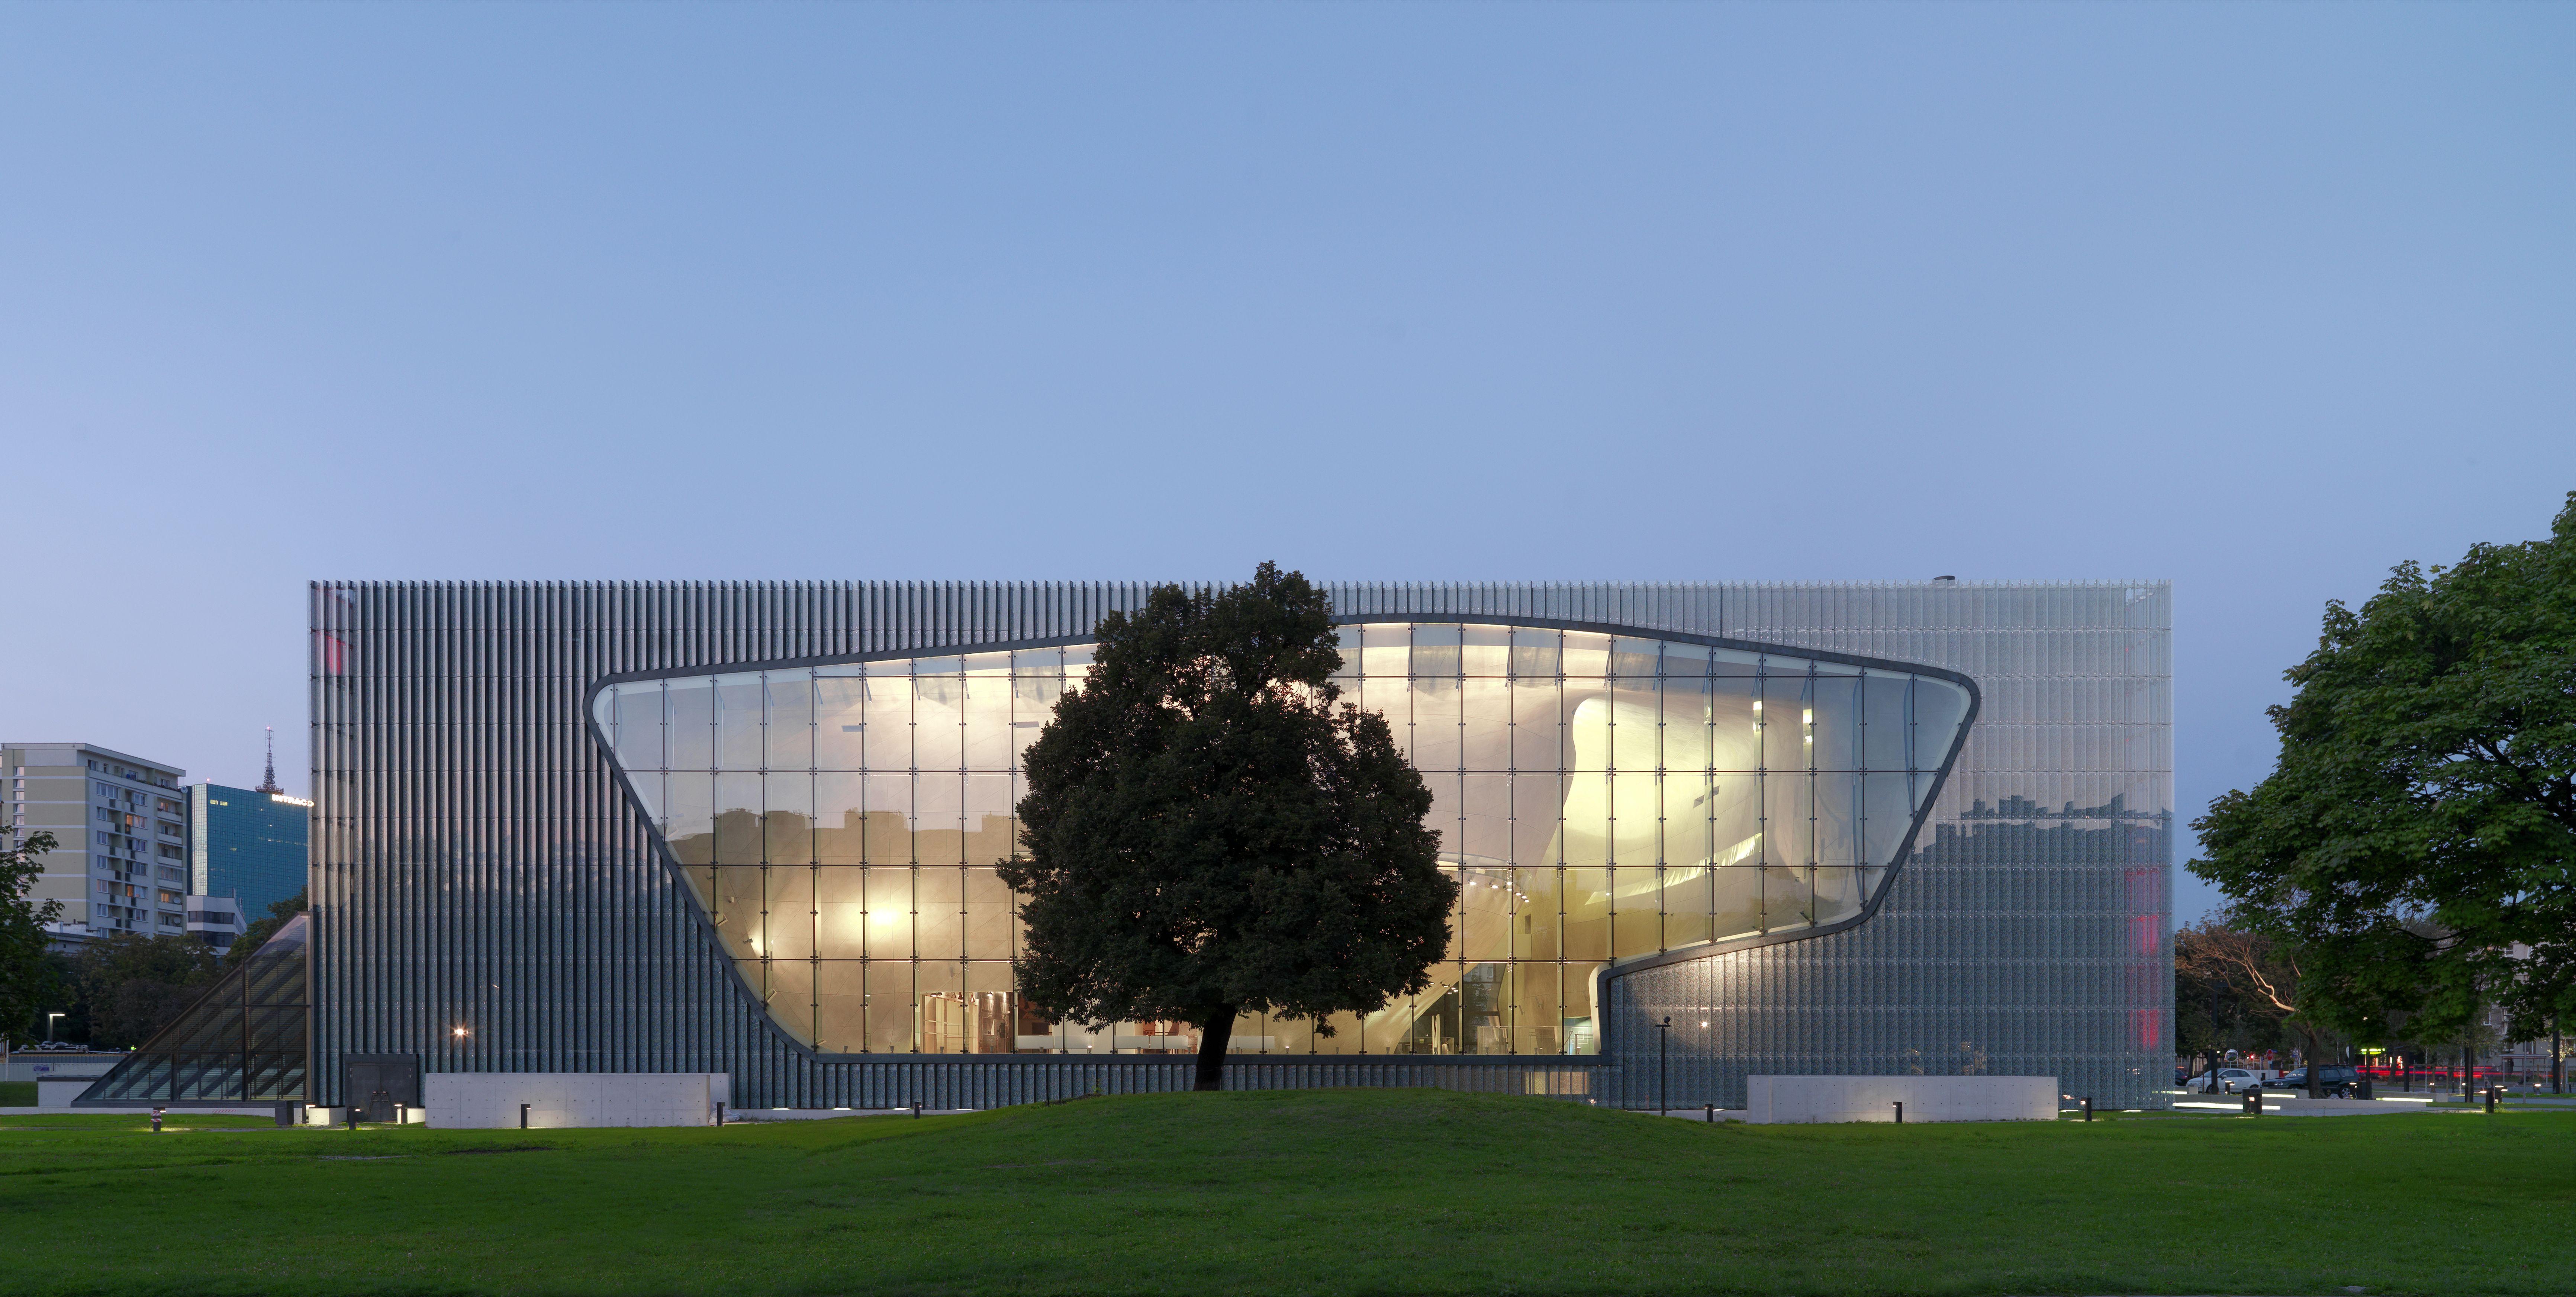 Polin Музей истории польских евреев